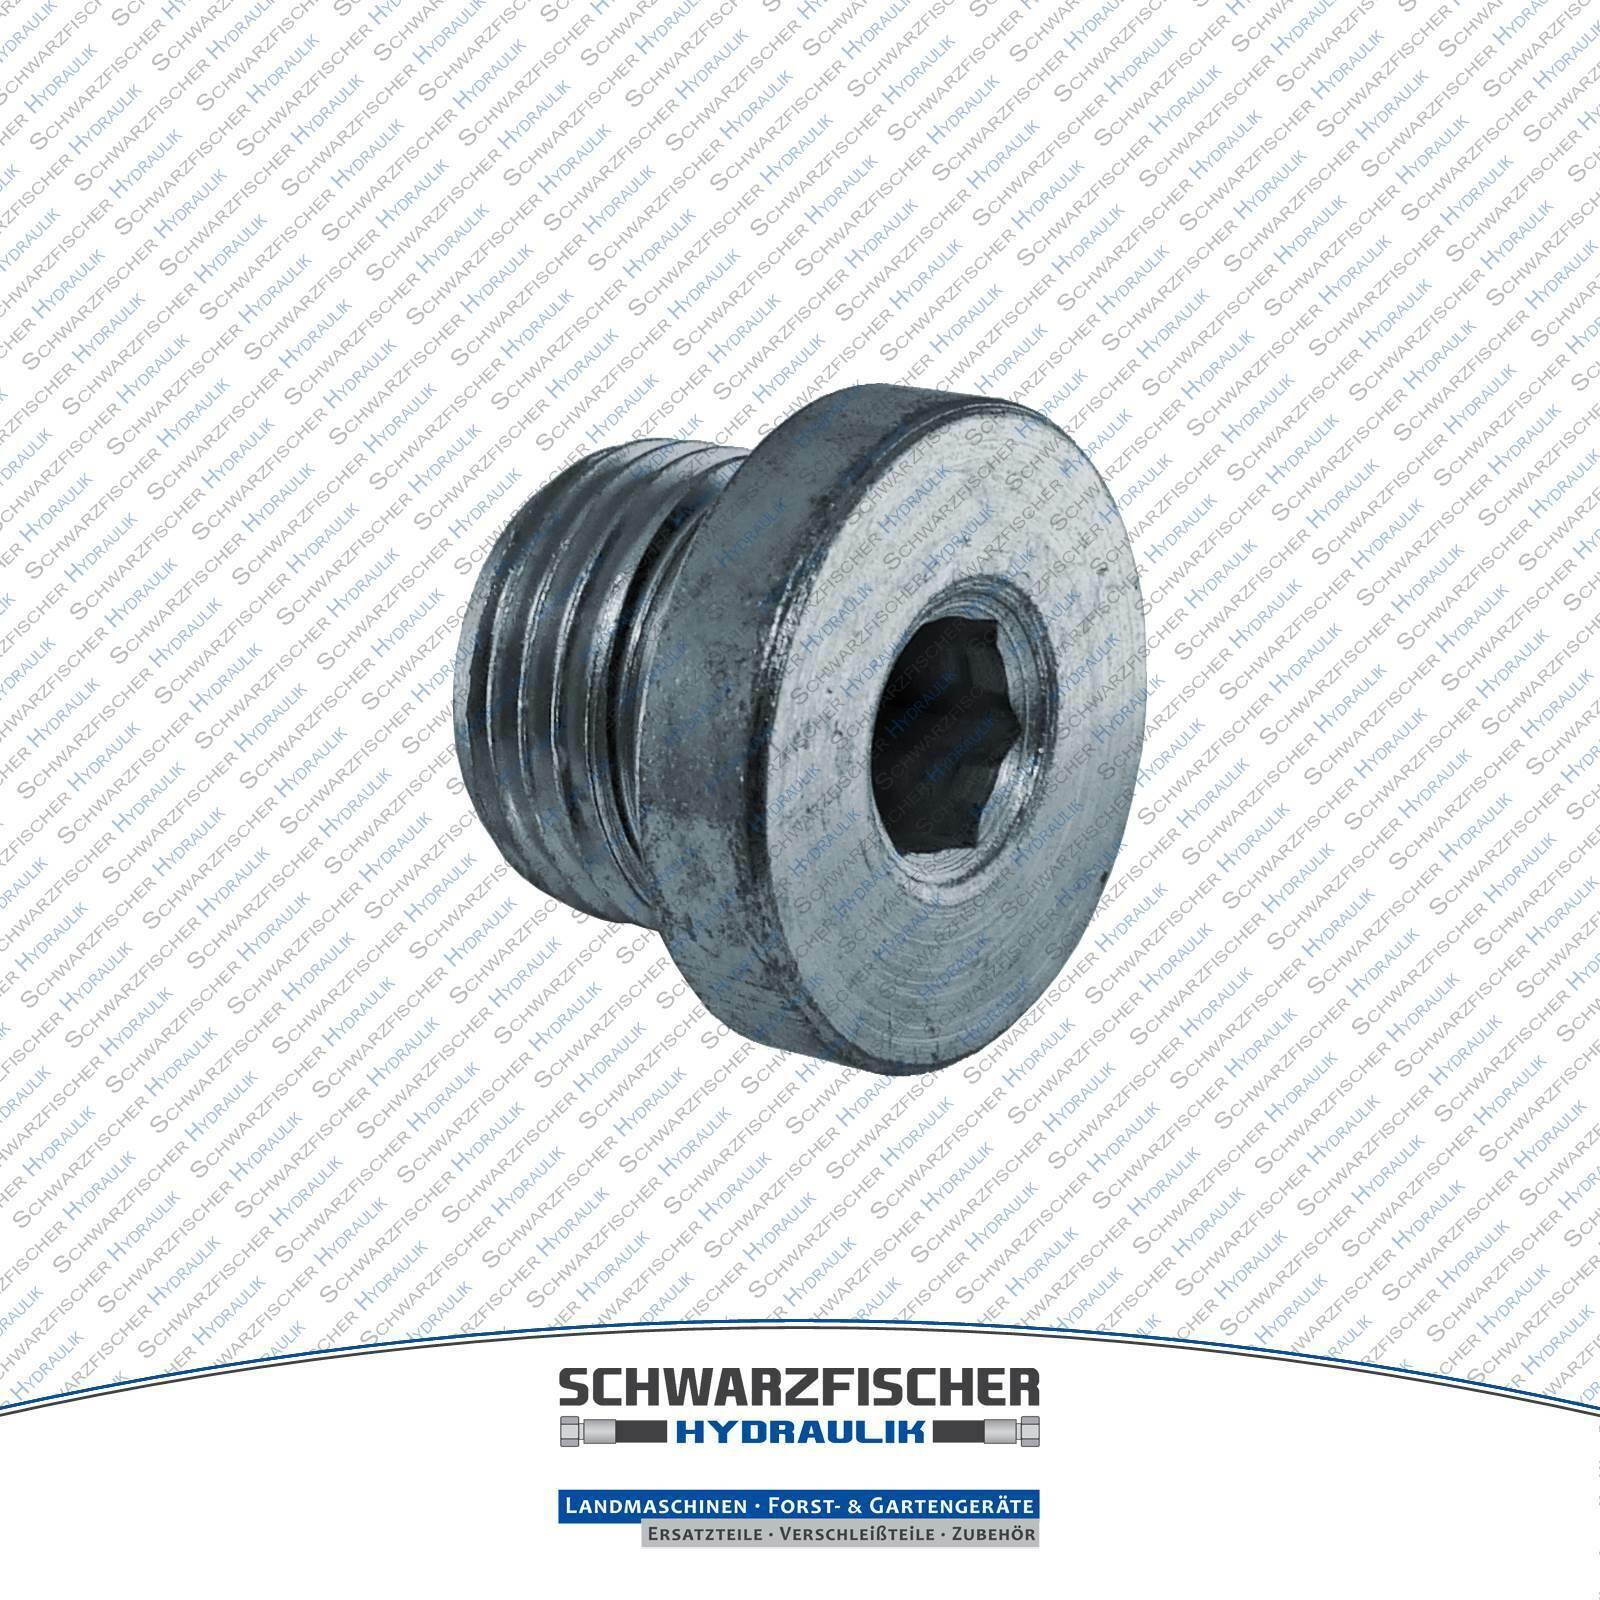 Hydraulik Verschlussschraube VSTI alle Größen metrisch Blindstopfen